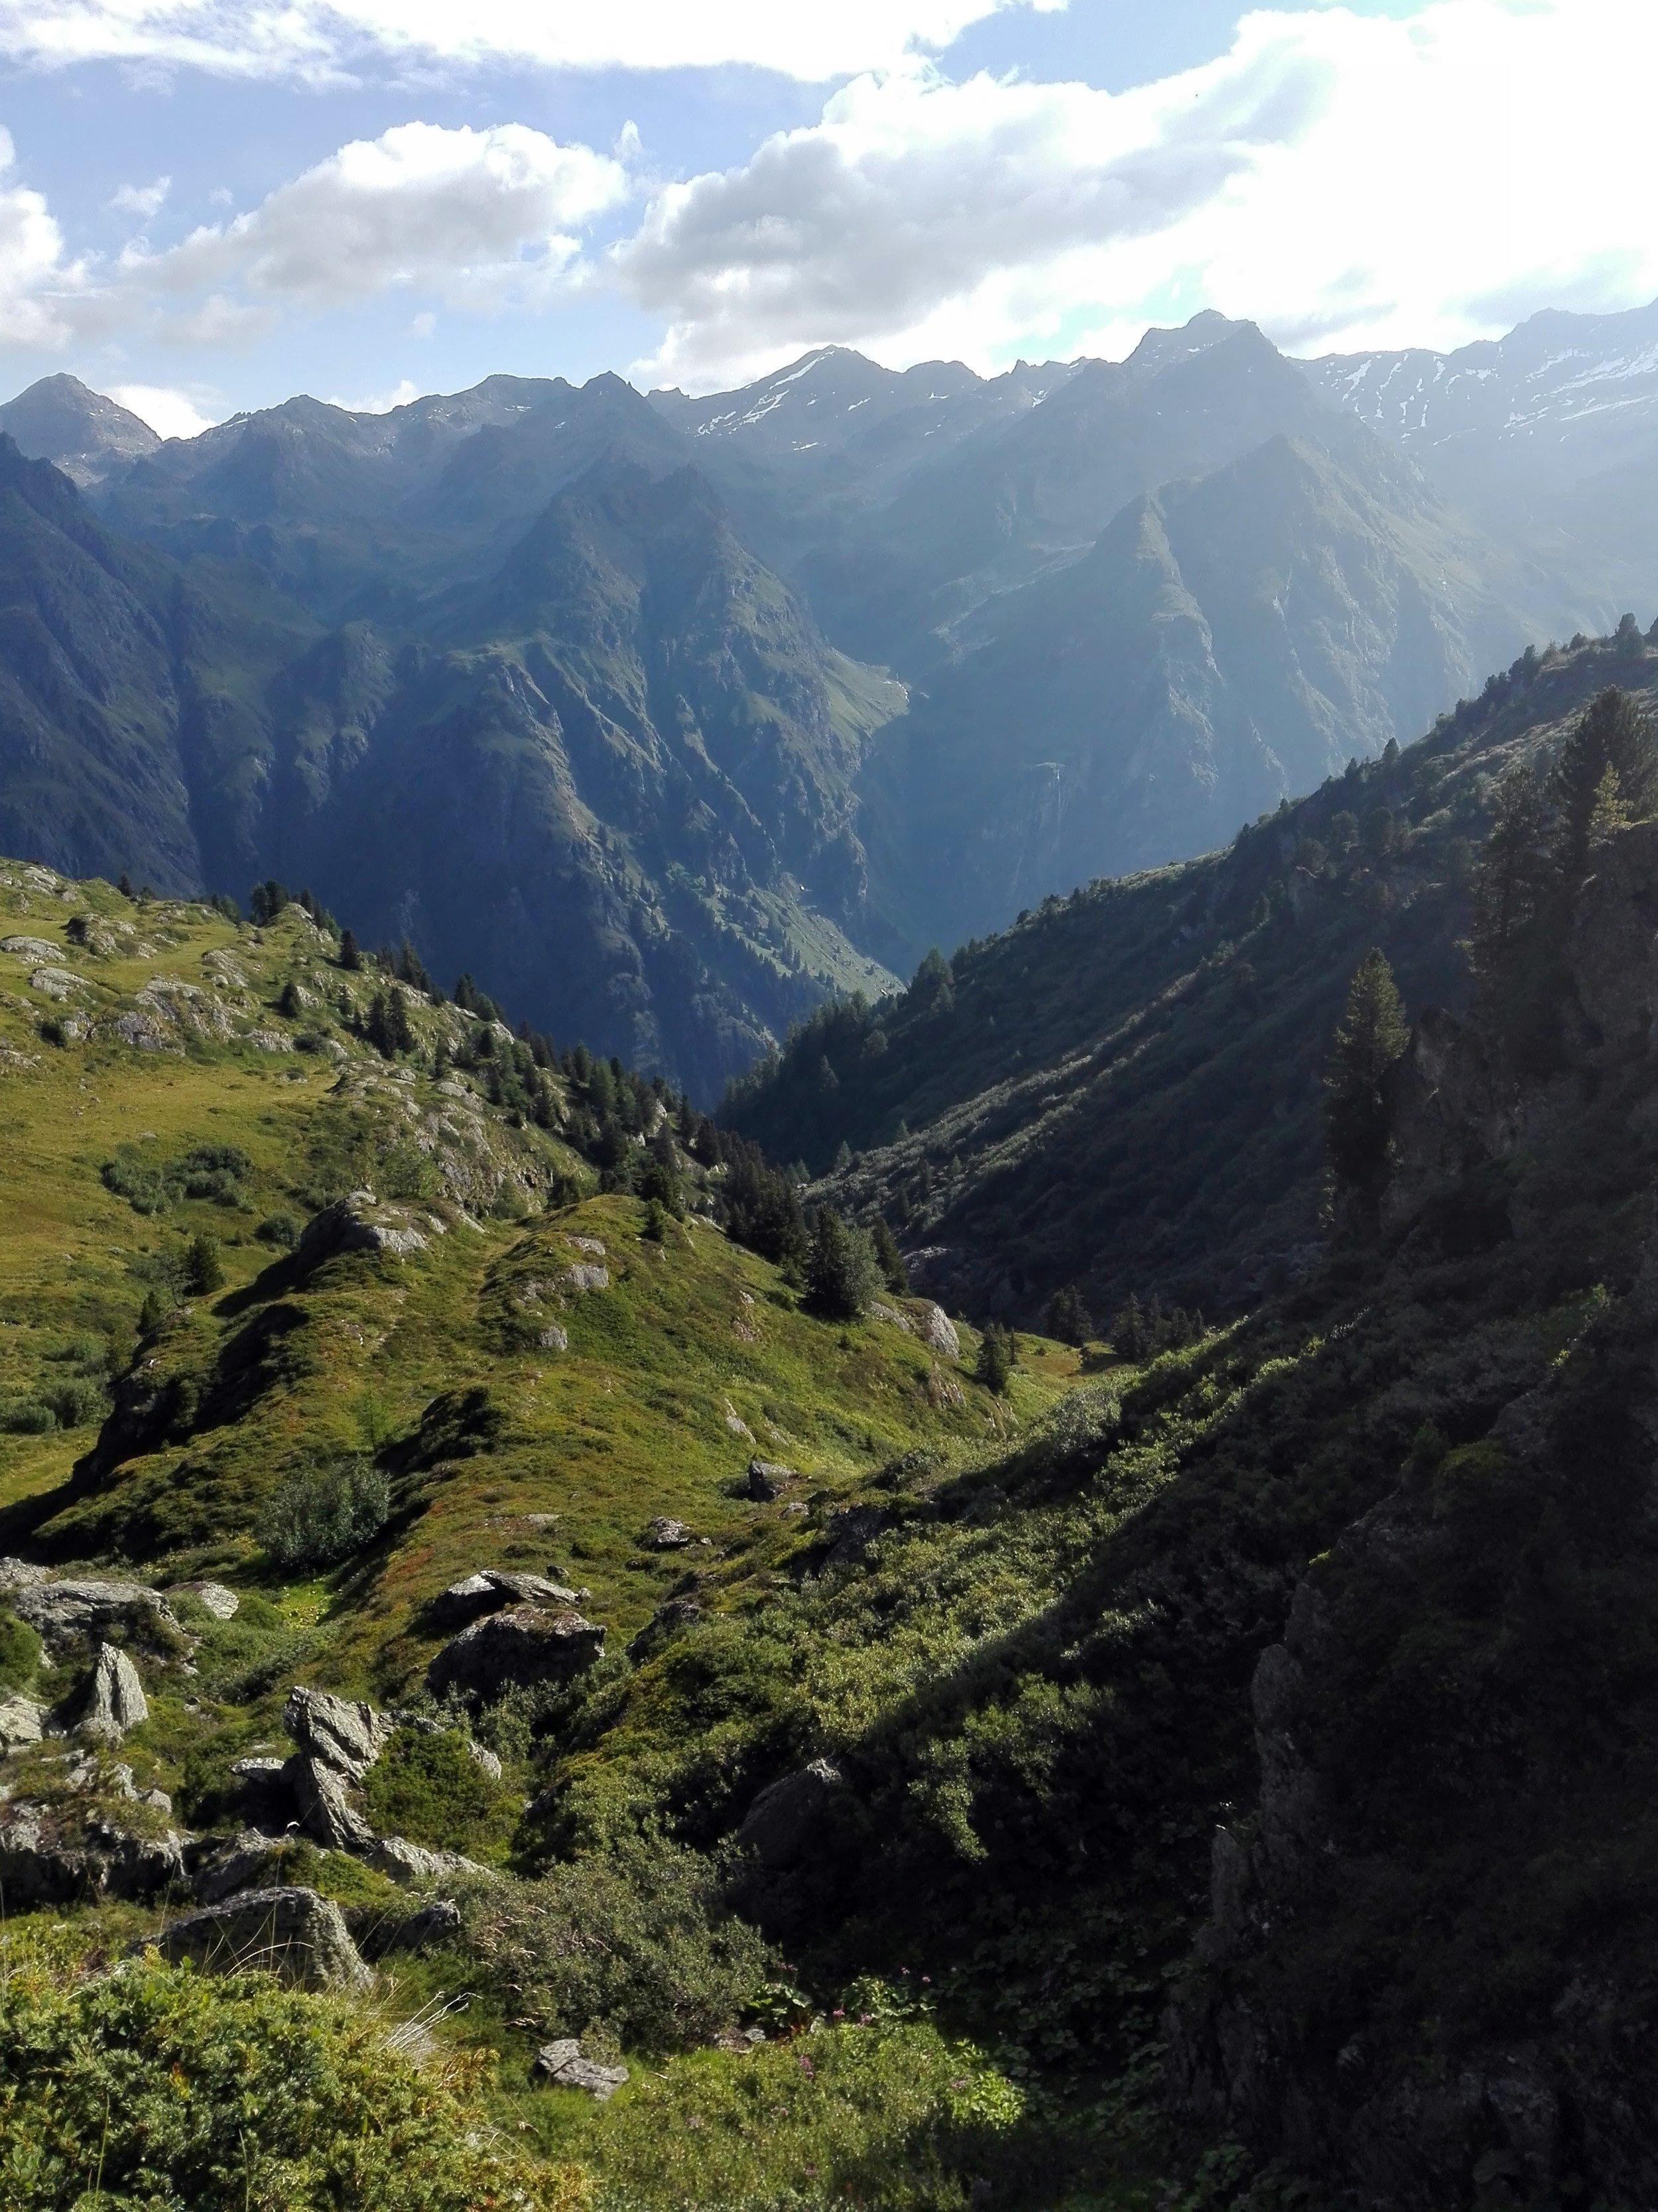 Swiss Alps near Verbier